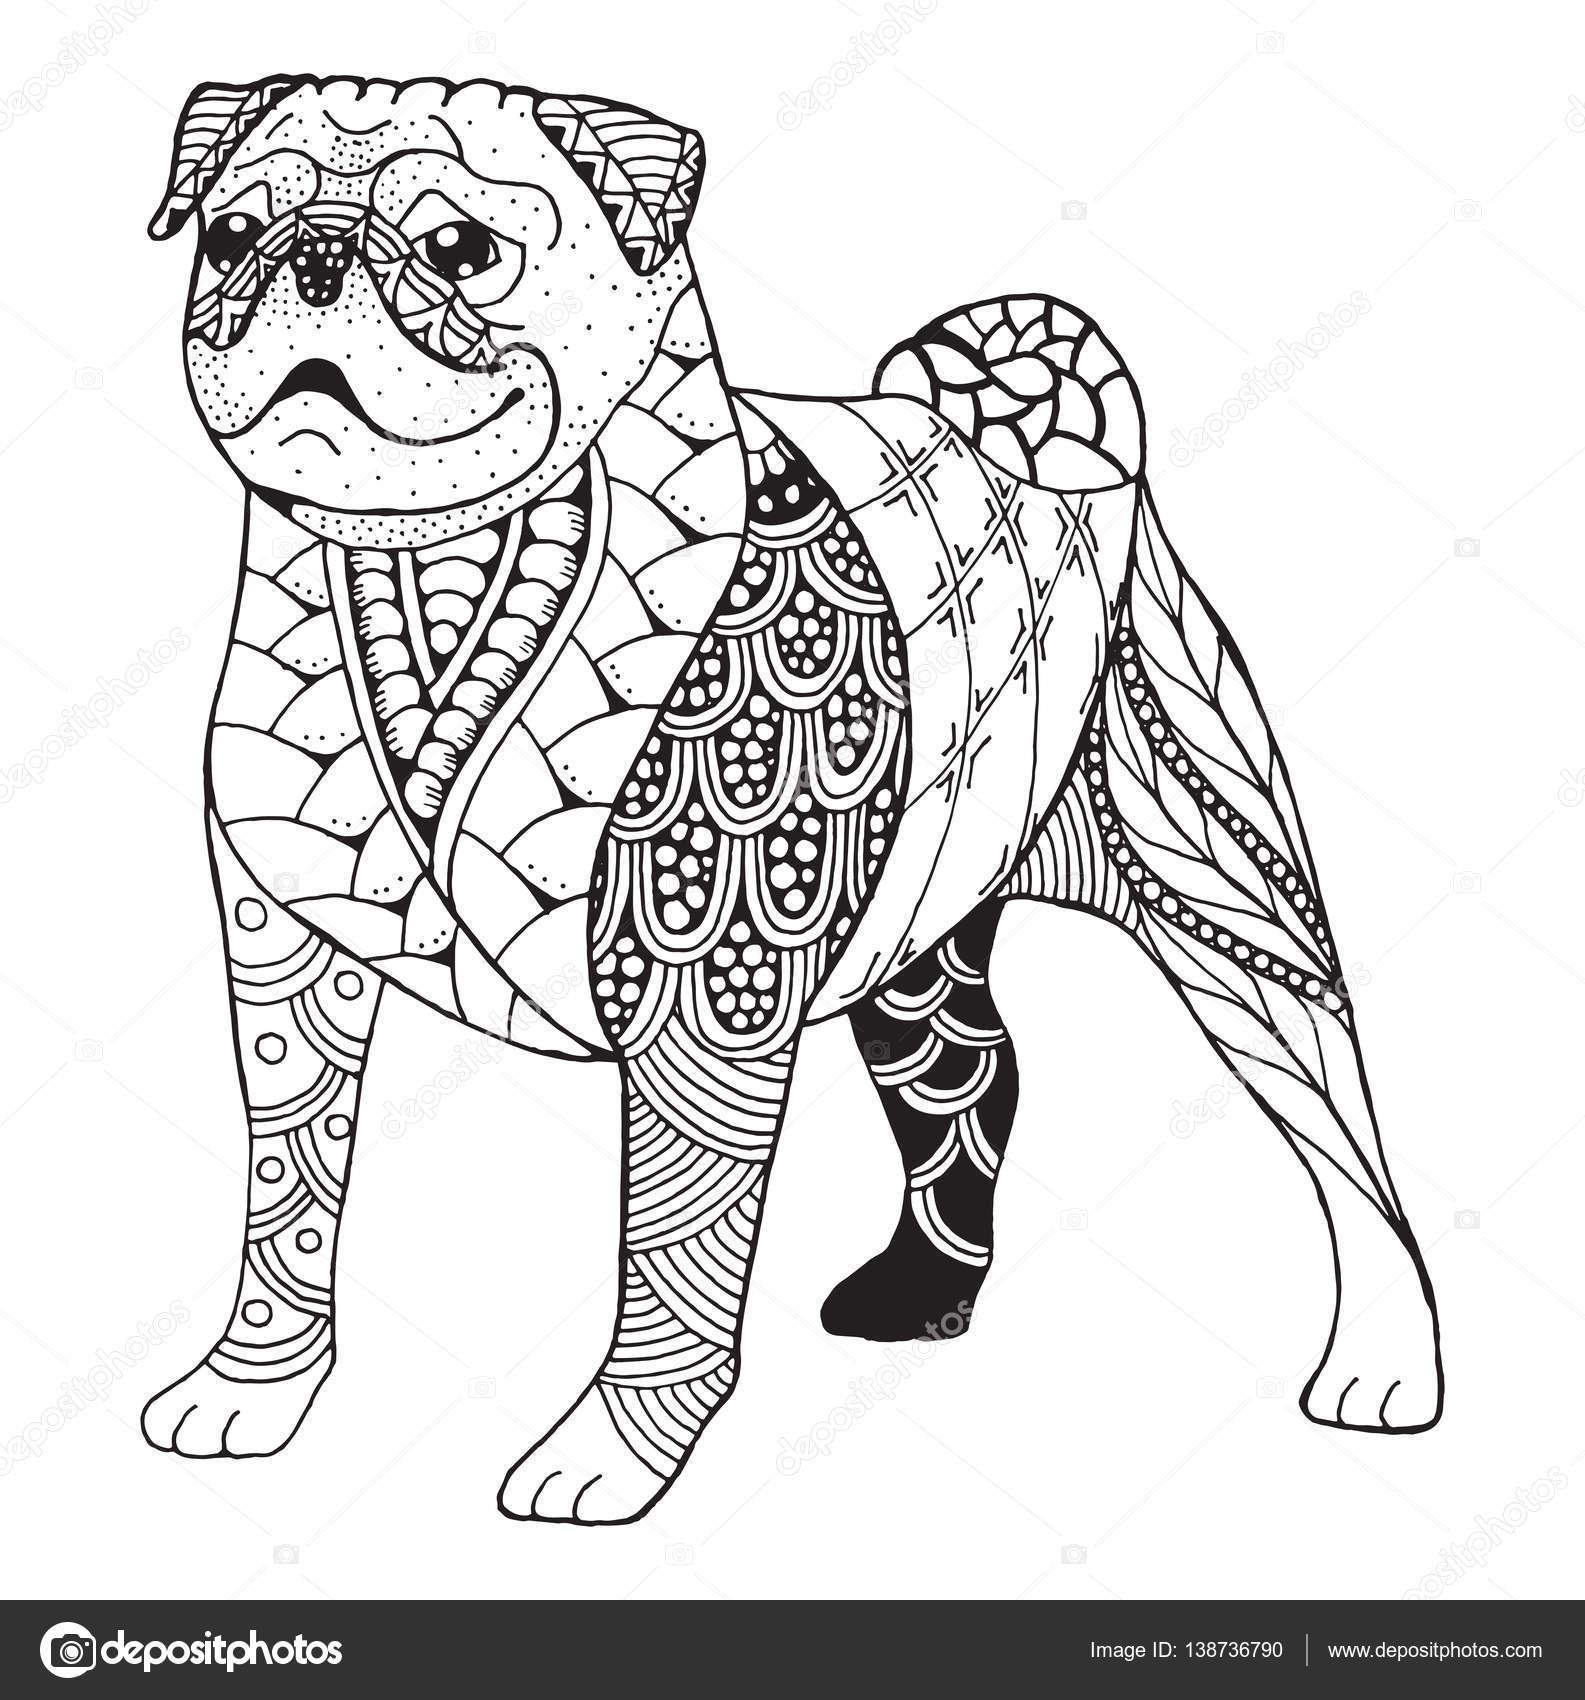 Pug perro zentangle estilizado, vector, Ilustración, lápiz a mano ...